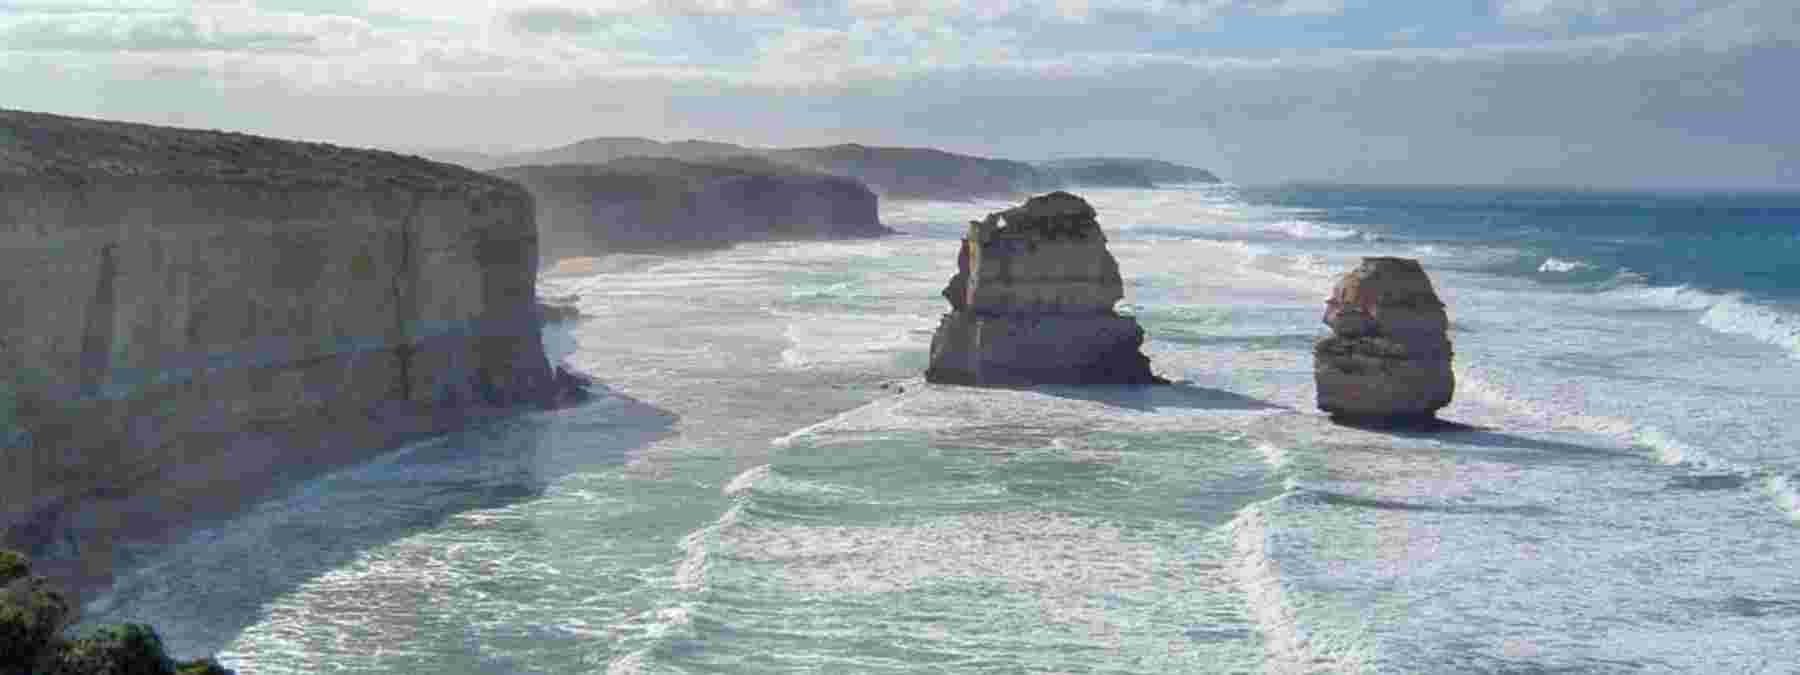 Séjour linguistique Australie : Un voyage ambitieux ?